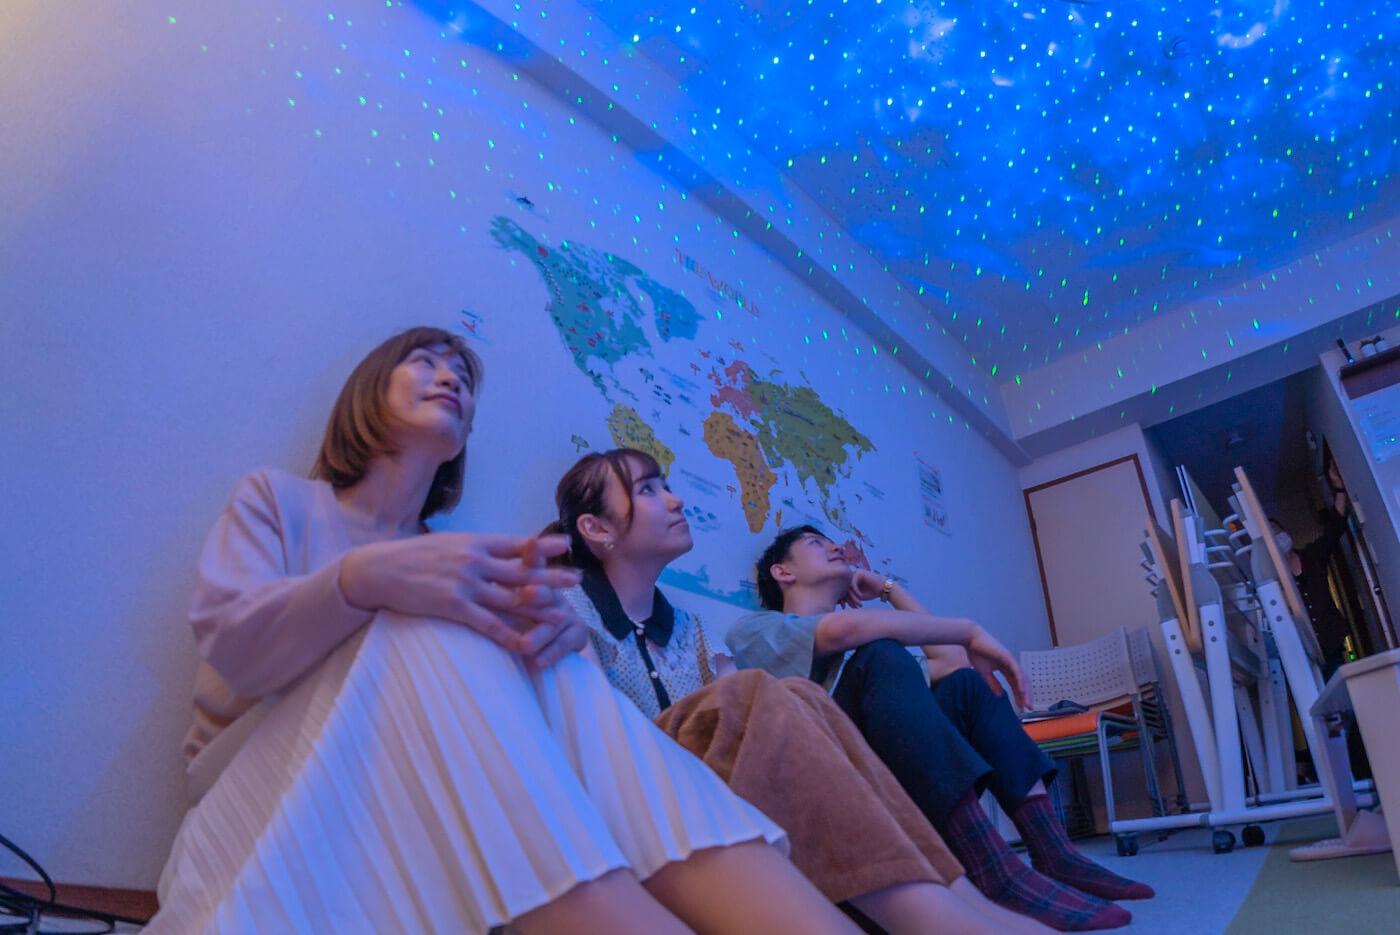 千葉のレンタルスペースの画像9